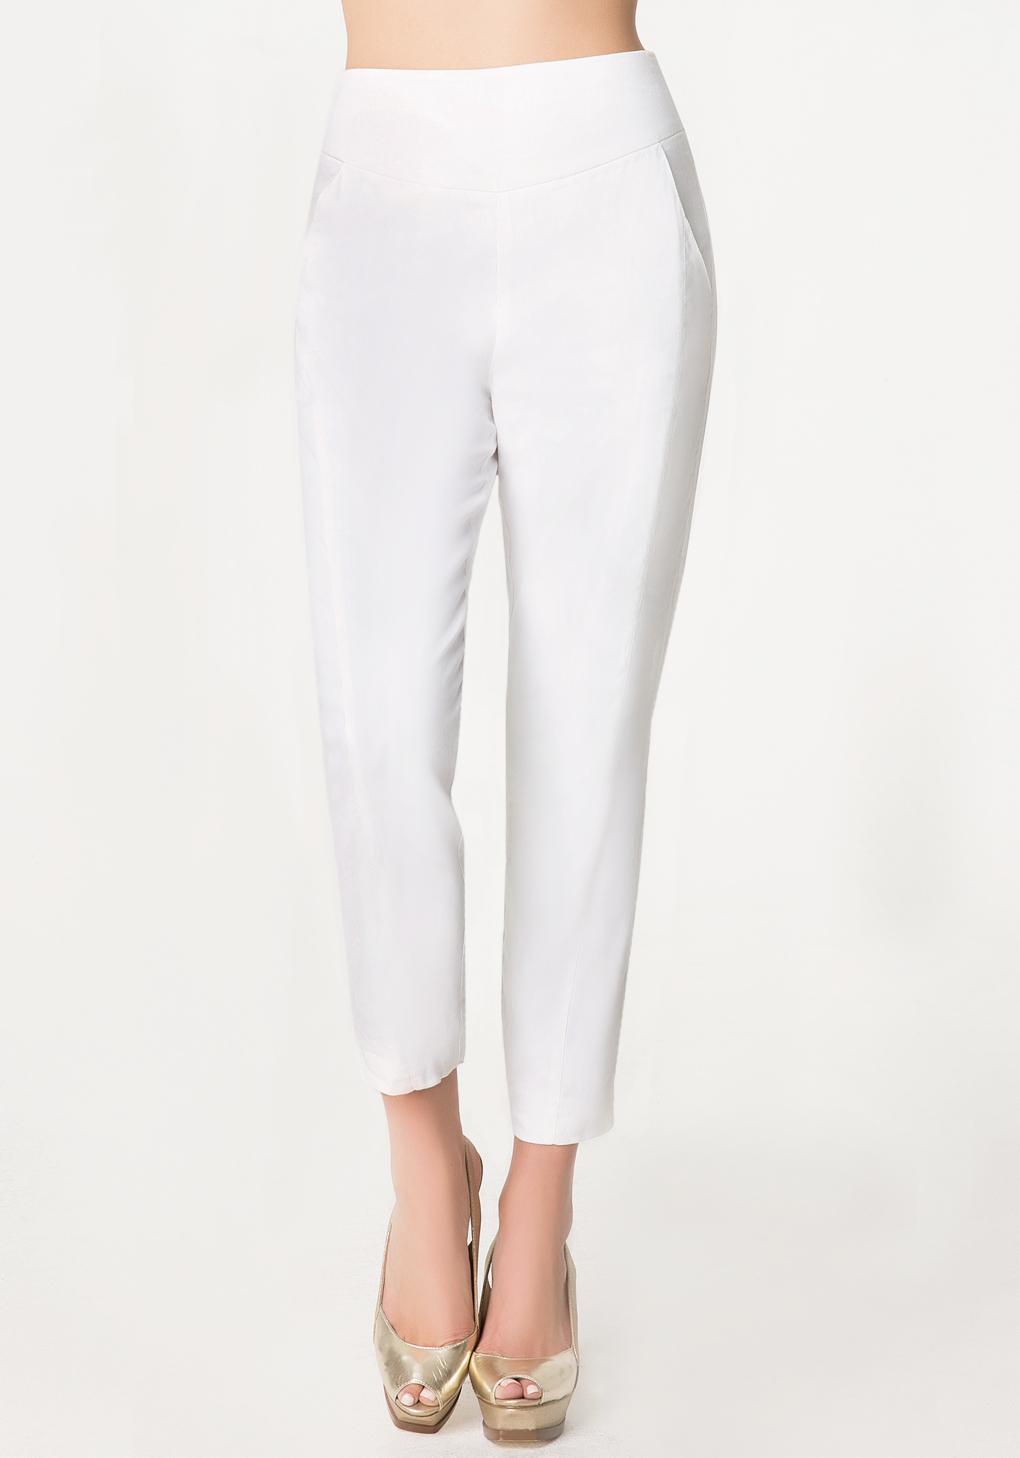 Bebe Tami Skinny Capri Pants in White   Lyst